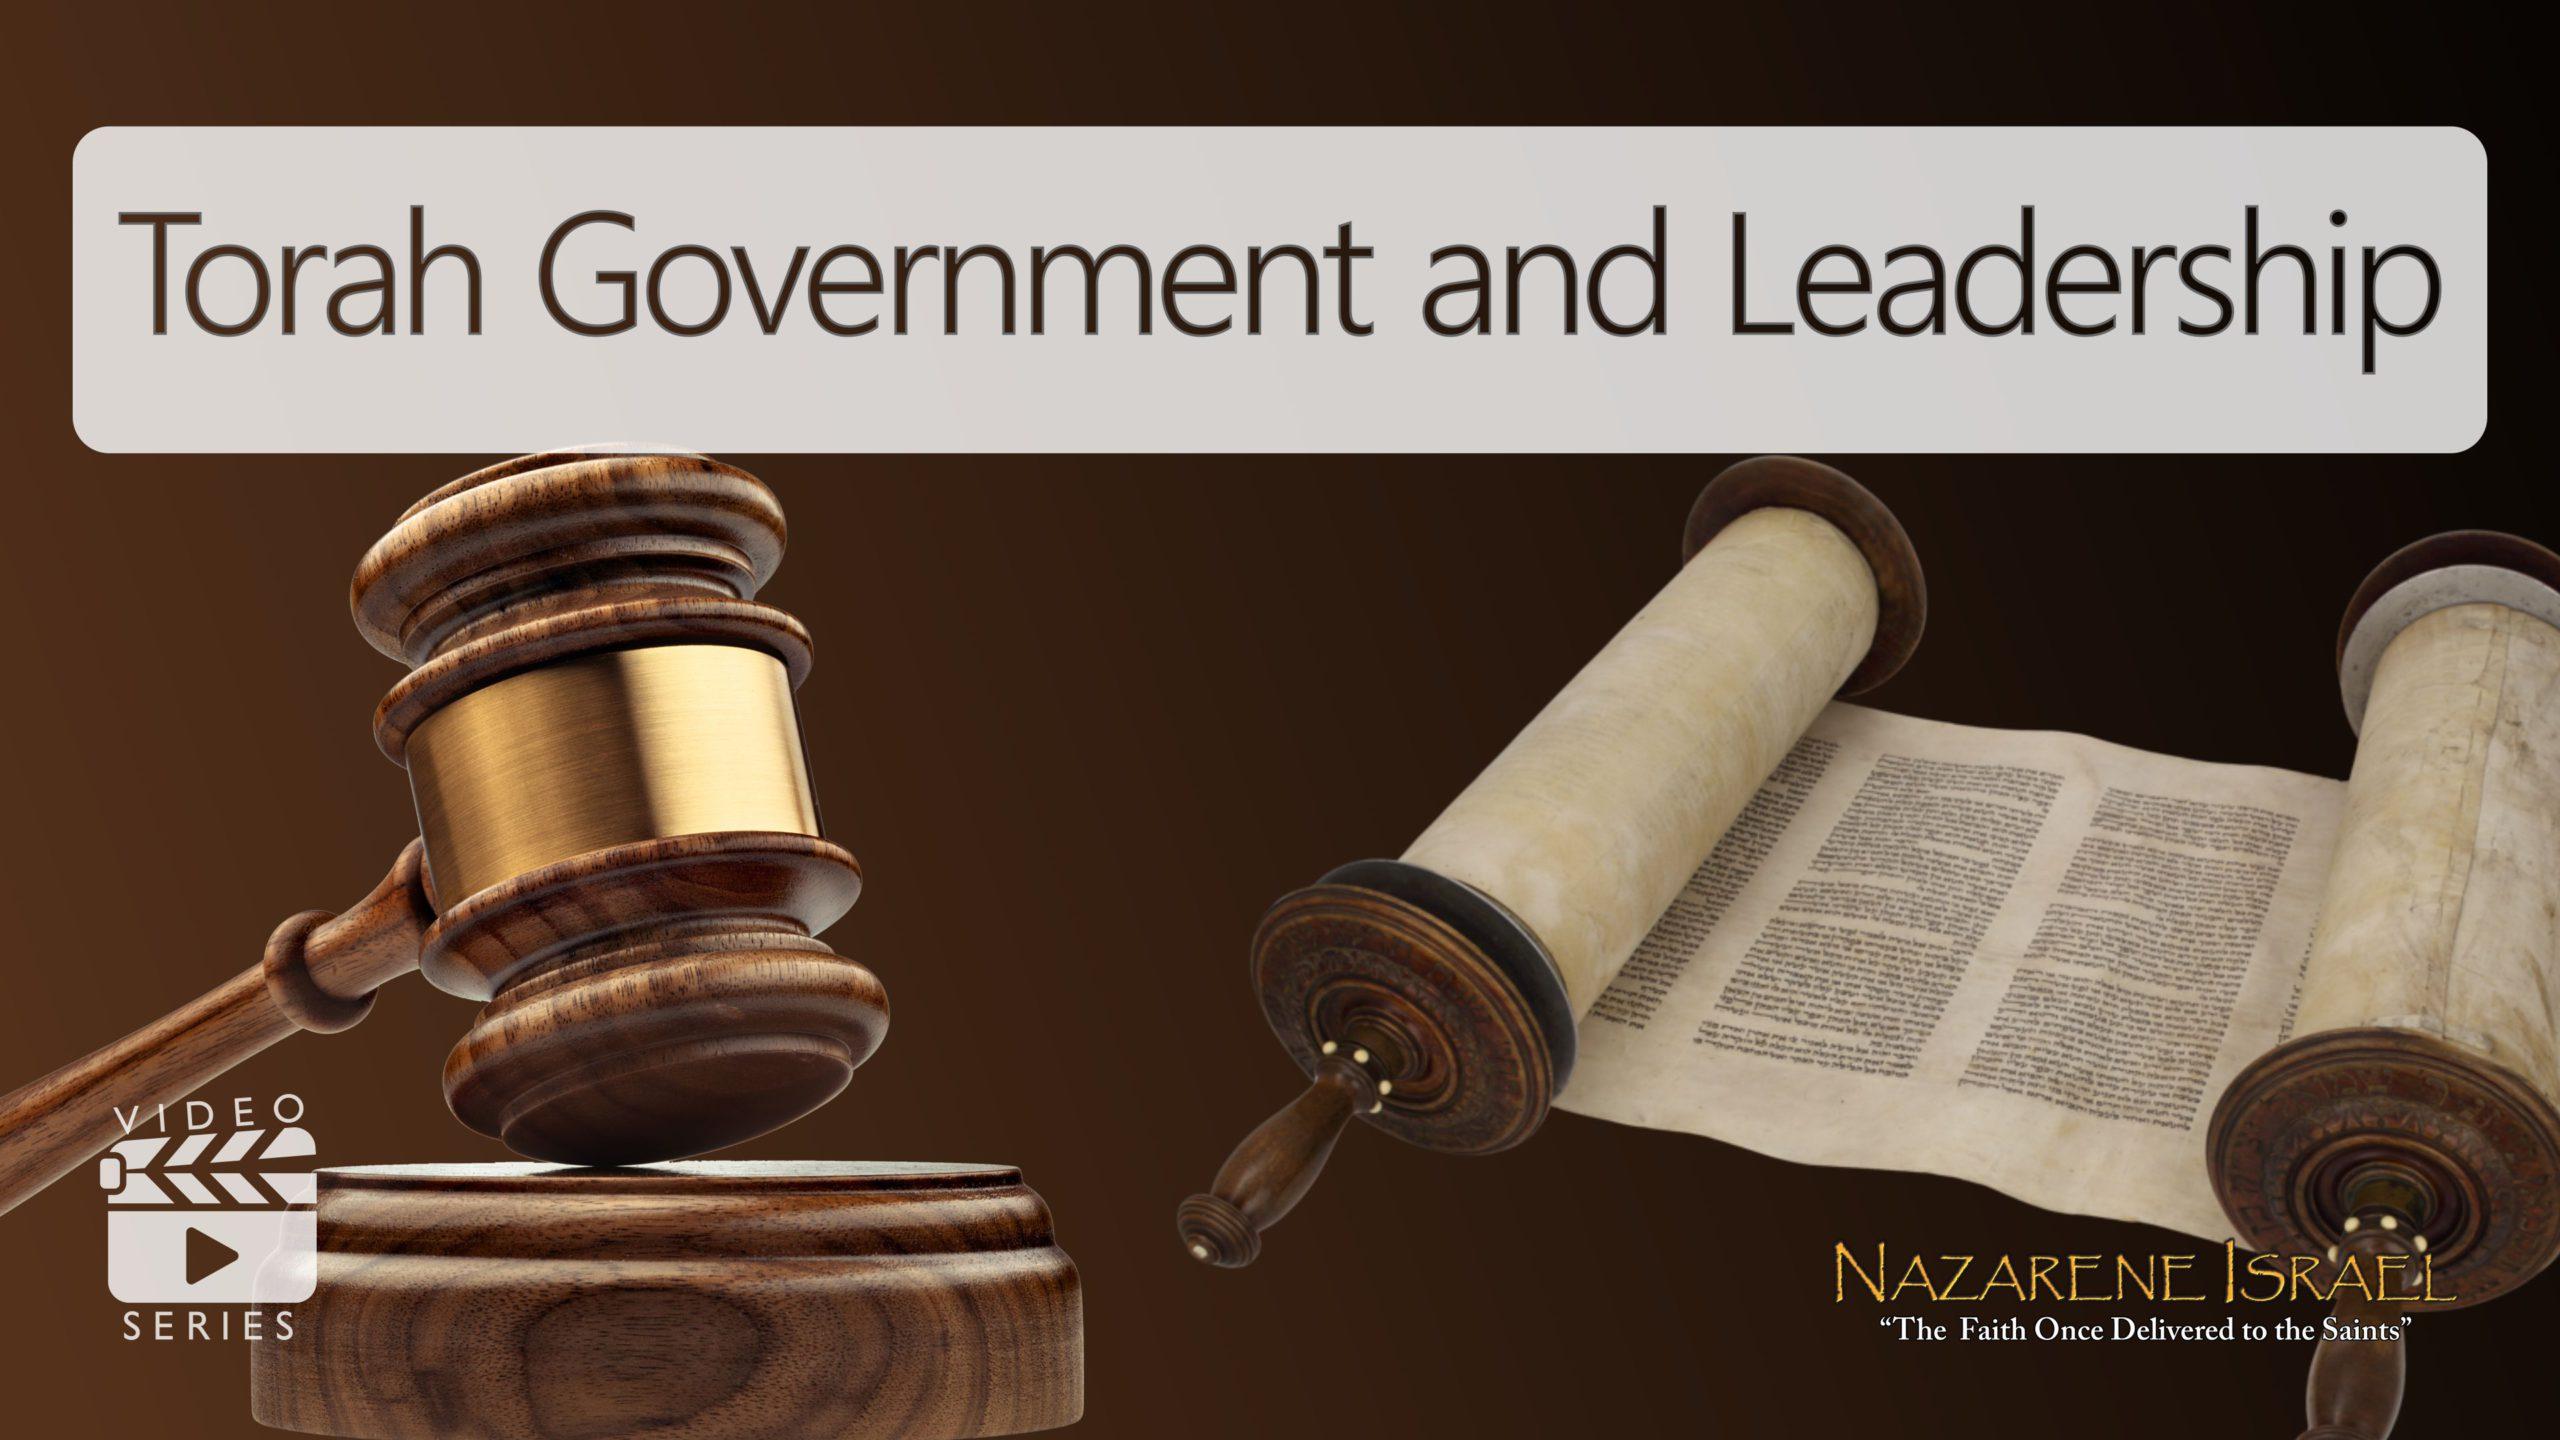 Gobierno y Liderazgo de la Torah